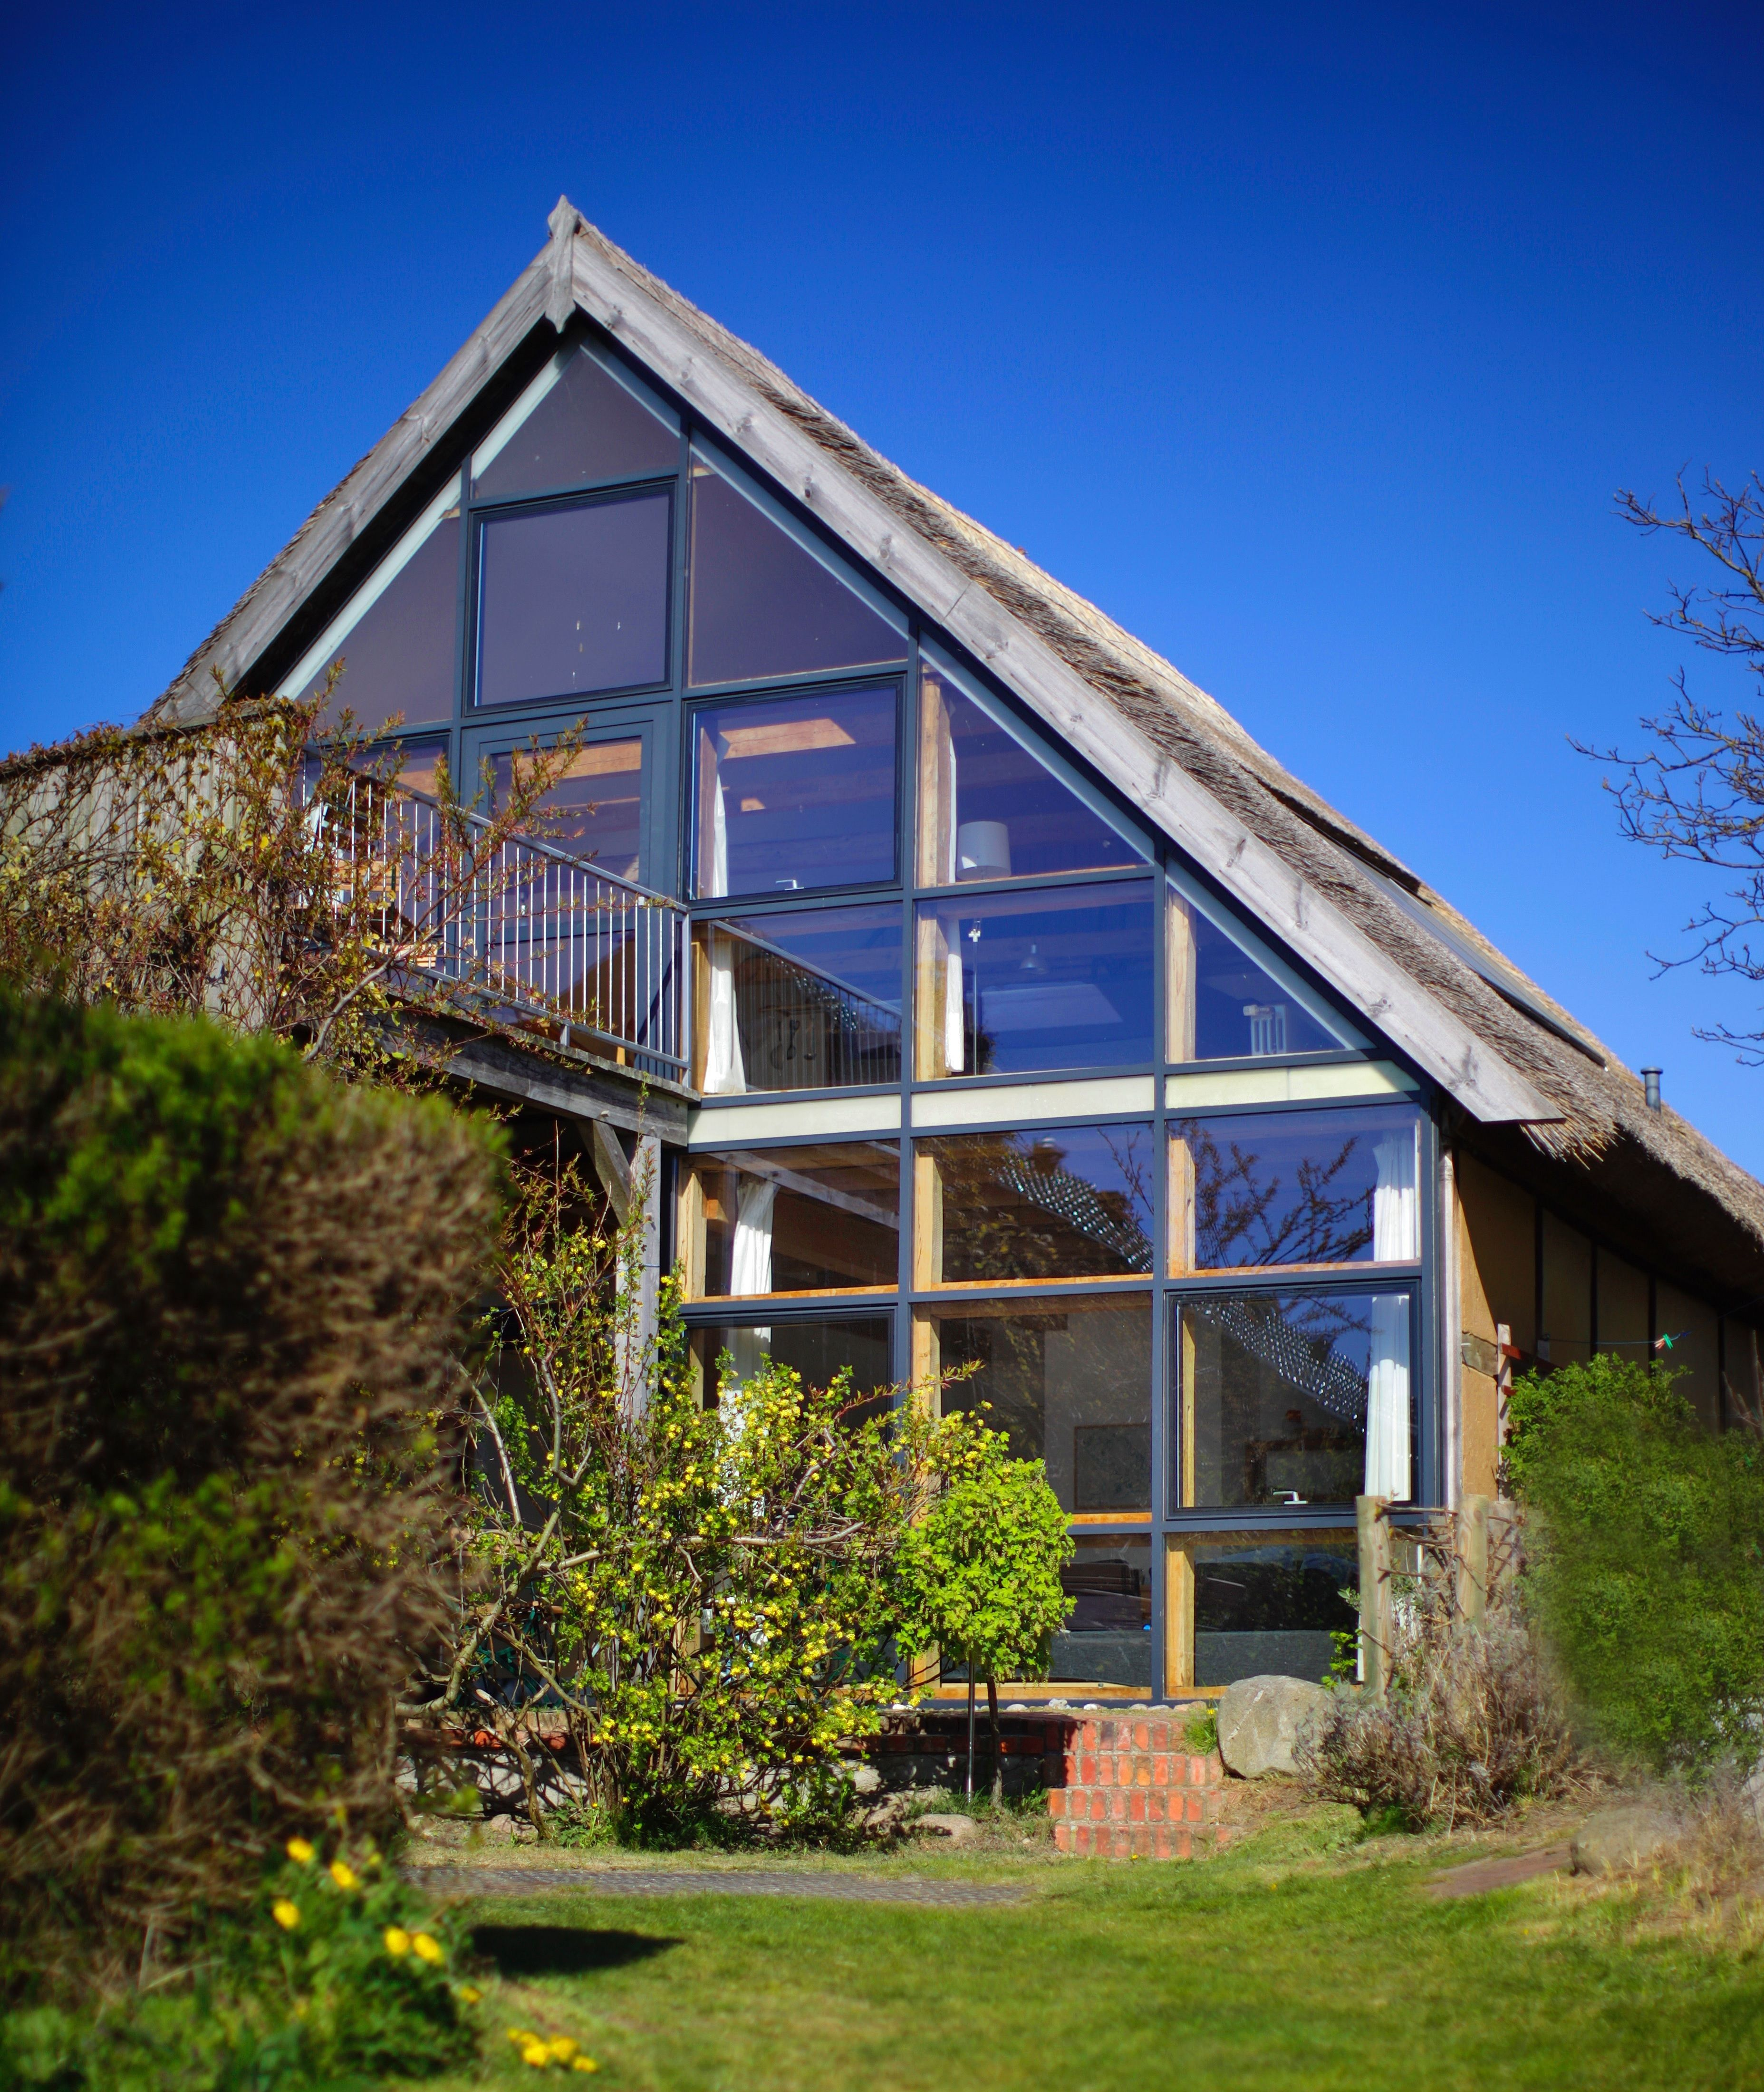 Ferienwohnung Alte Scheune Loddin auf Usedom (mit Bildern